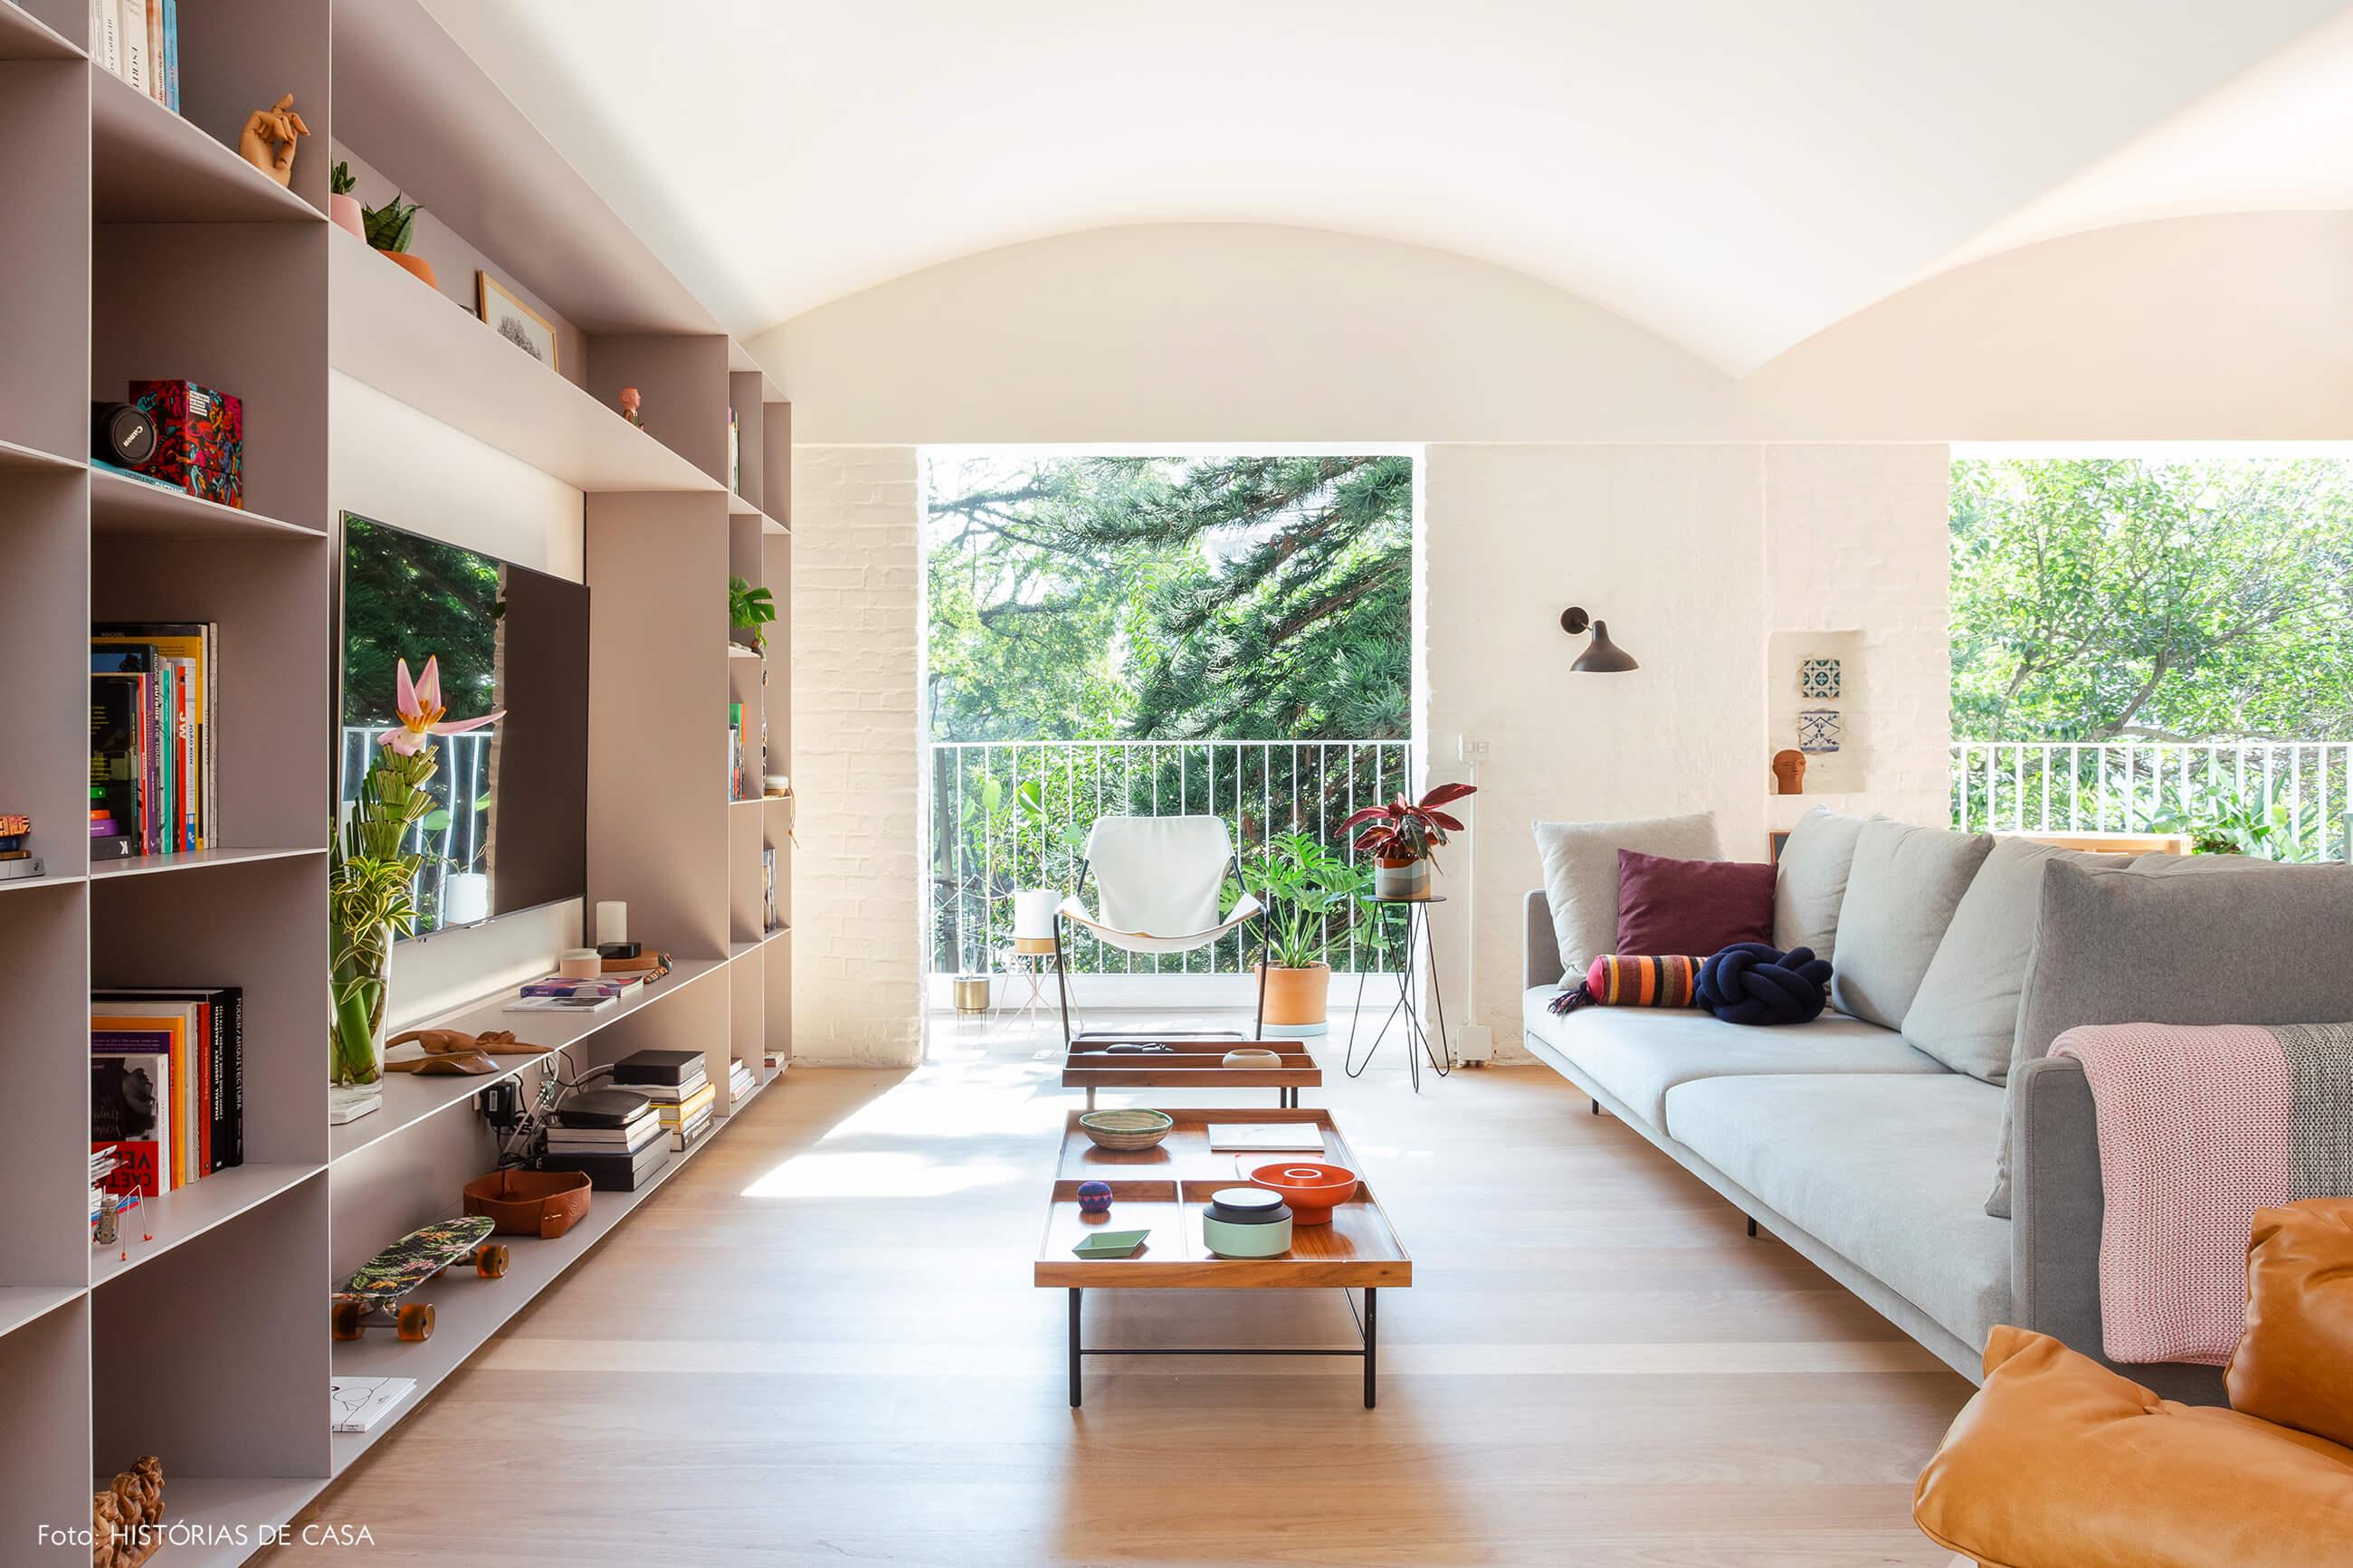 Sala integrada com teto arredondado e varandas